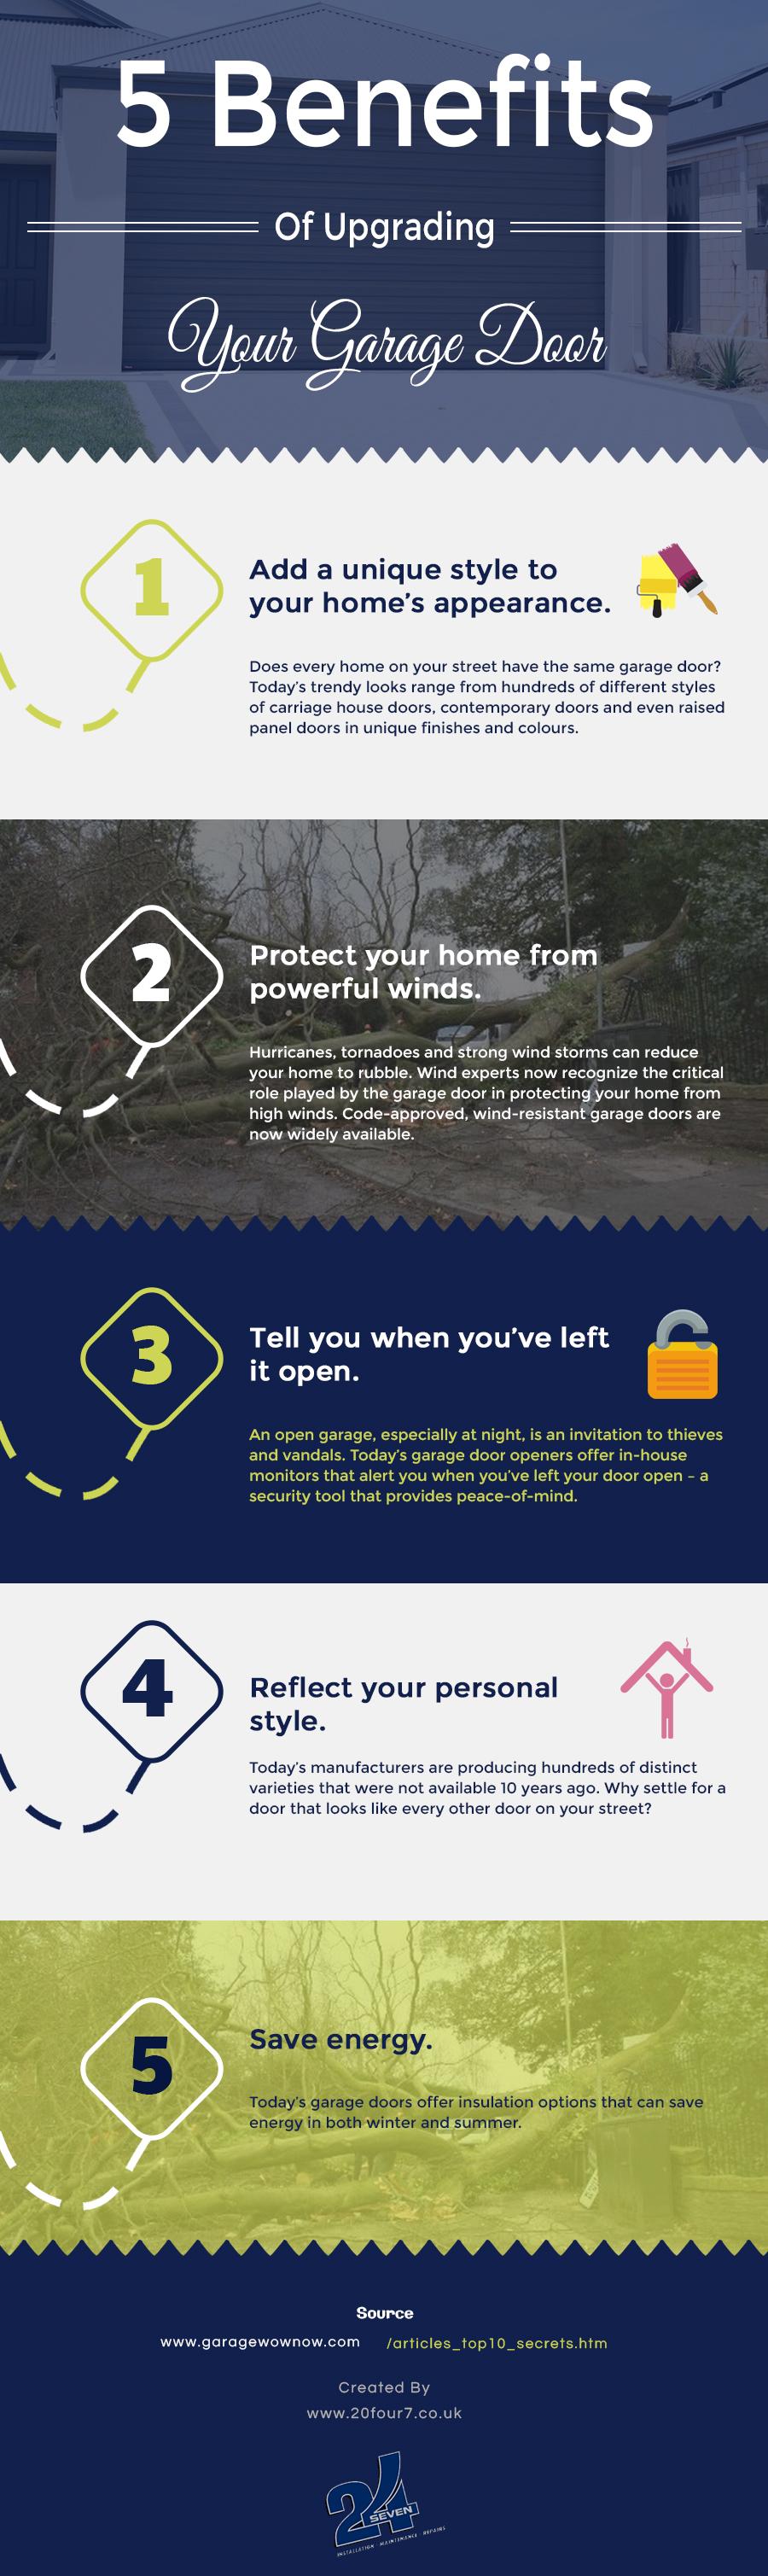 5 Benefits Of Upgrading Your Garage Door